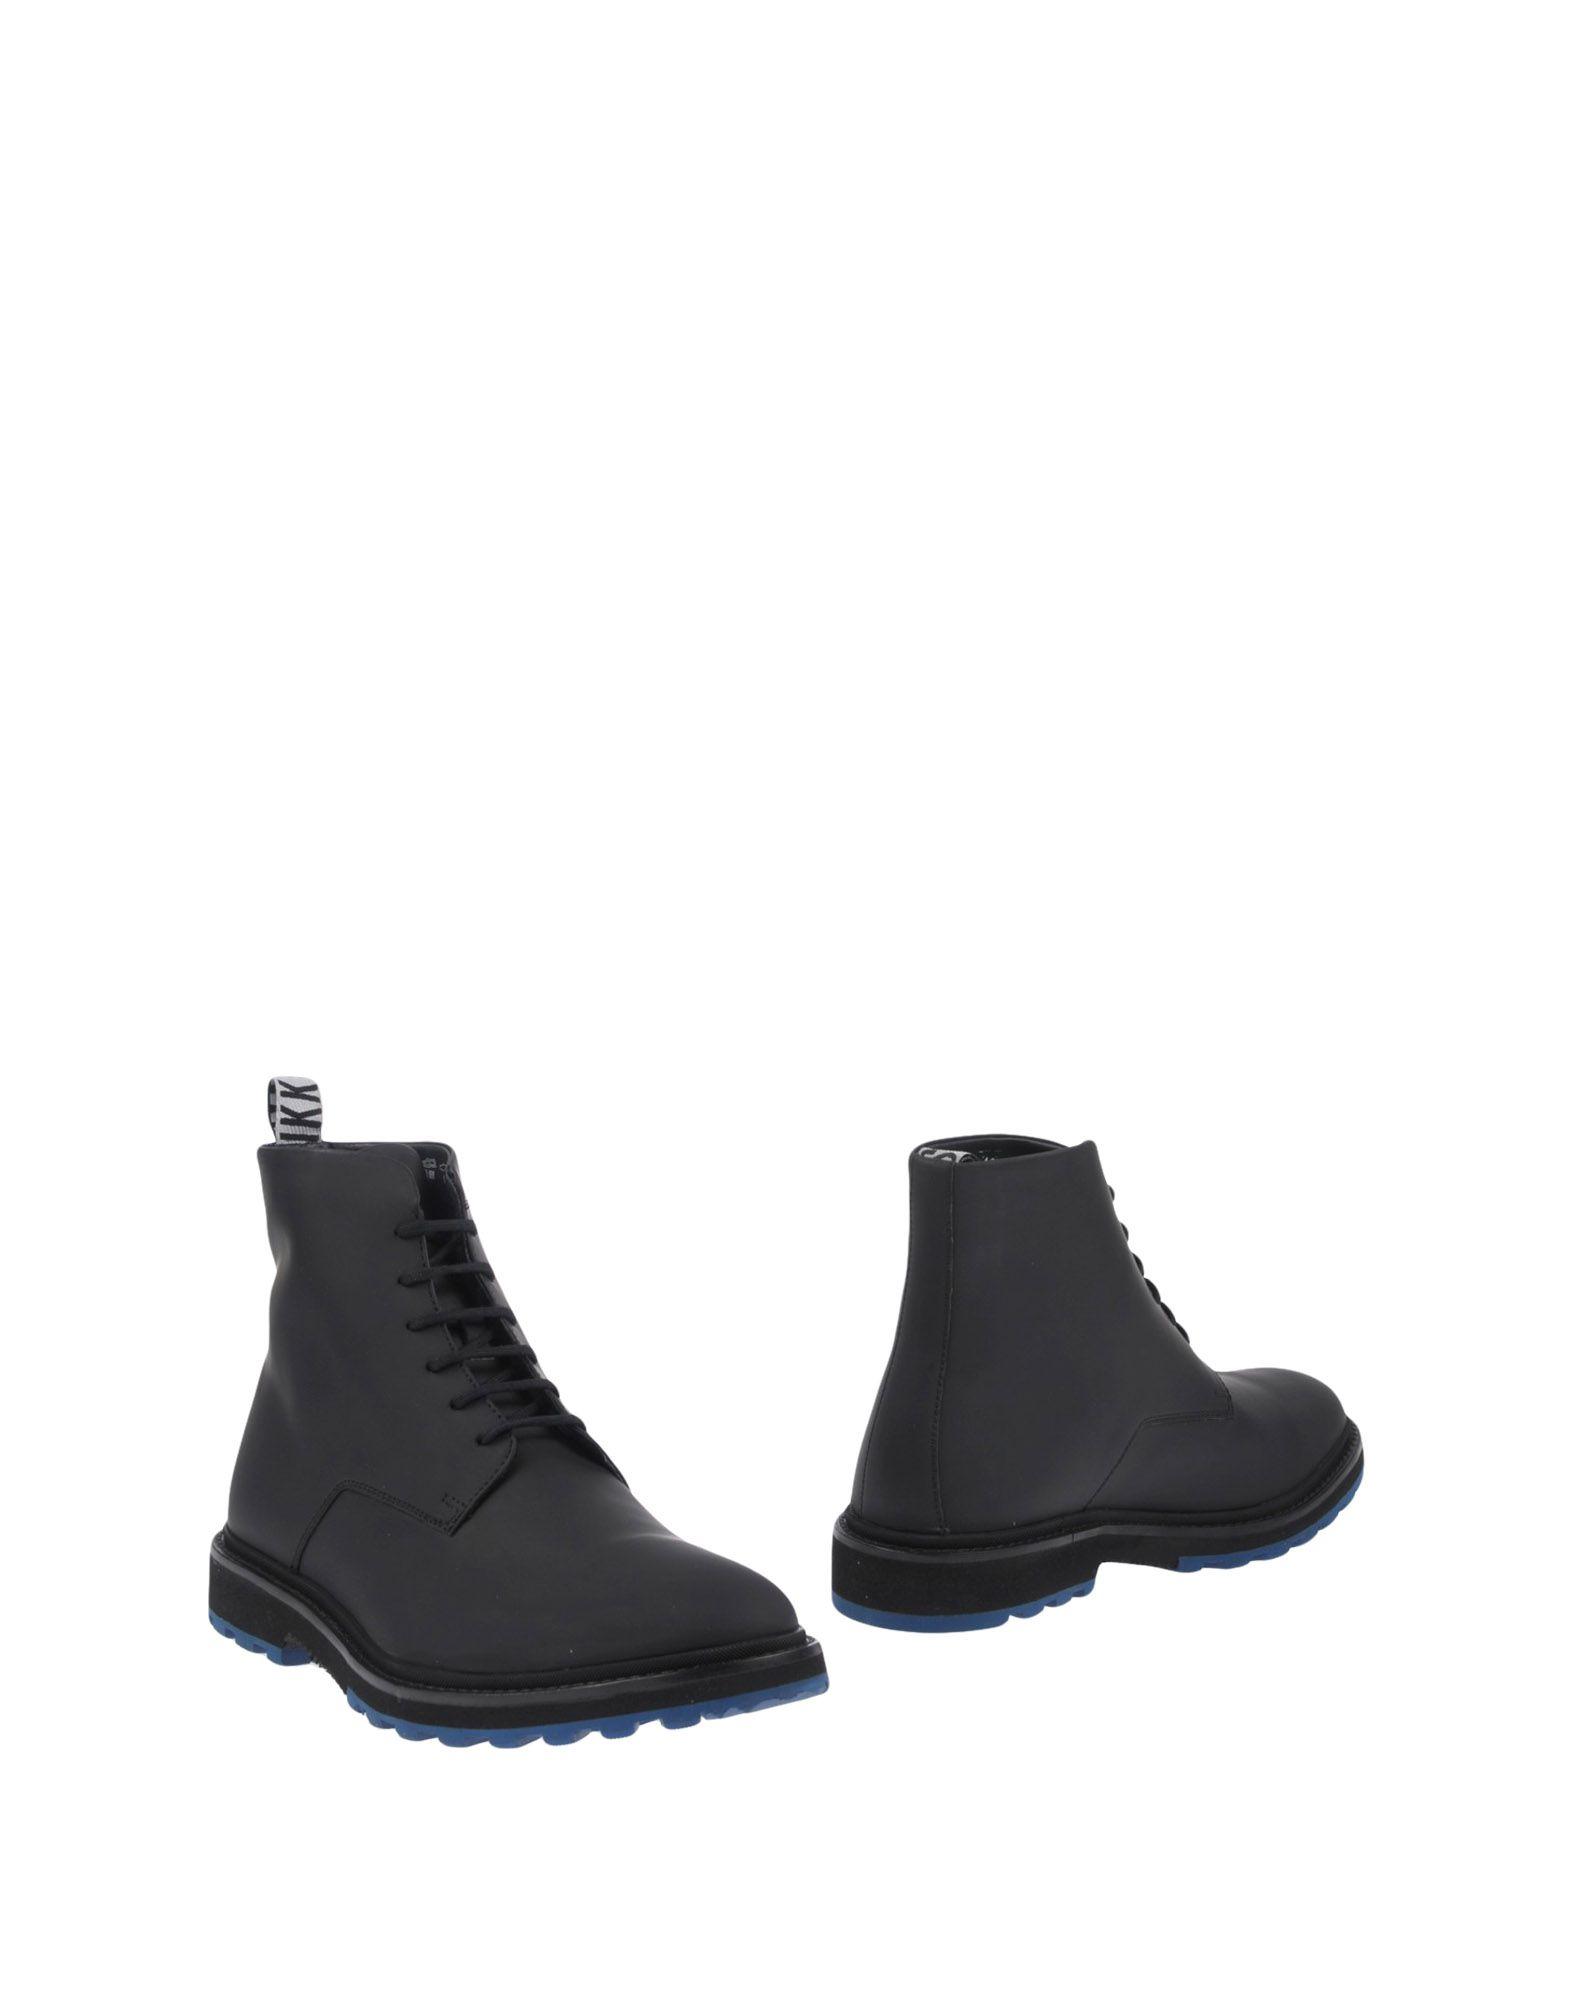 Bikkembergs Stiefelette Herren  11450672KX Gute Qualität beliebte Schuhe